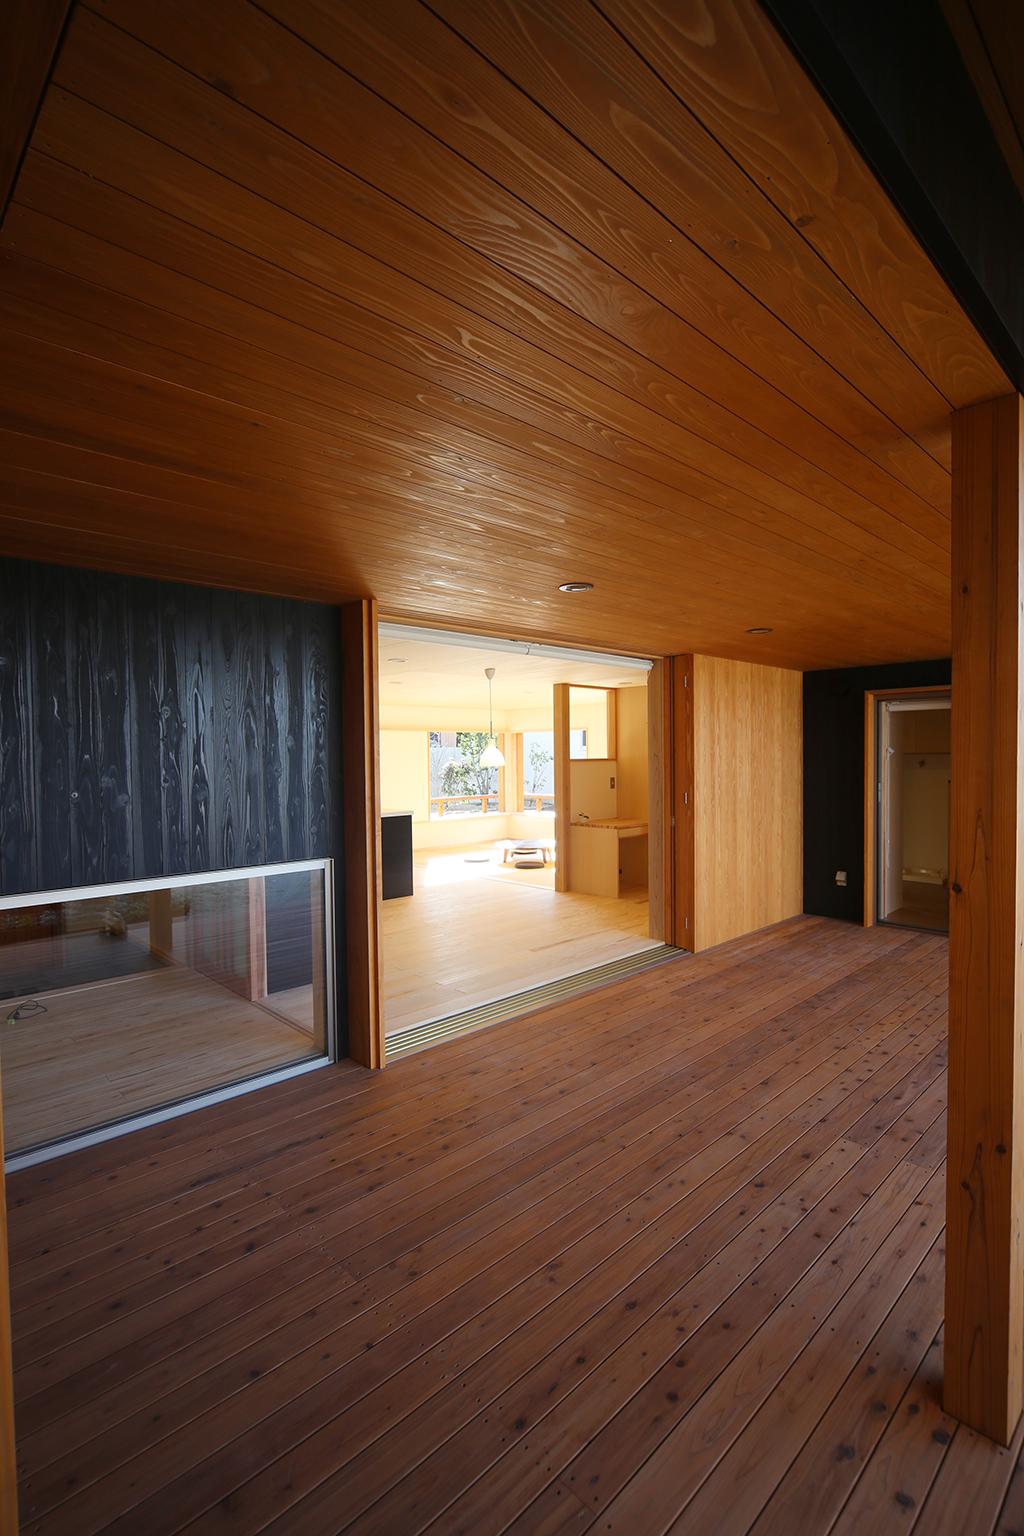 高砂市の木の家 回廊のようなインナーデッキ